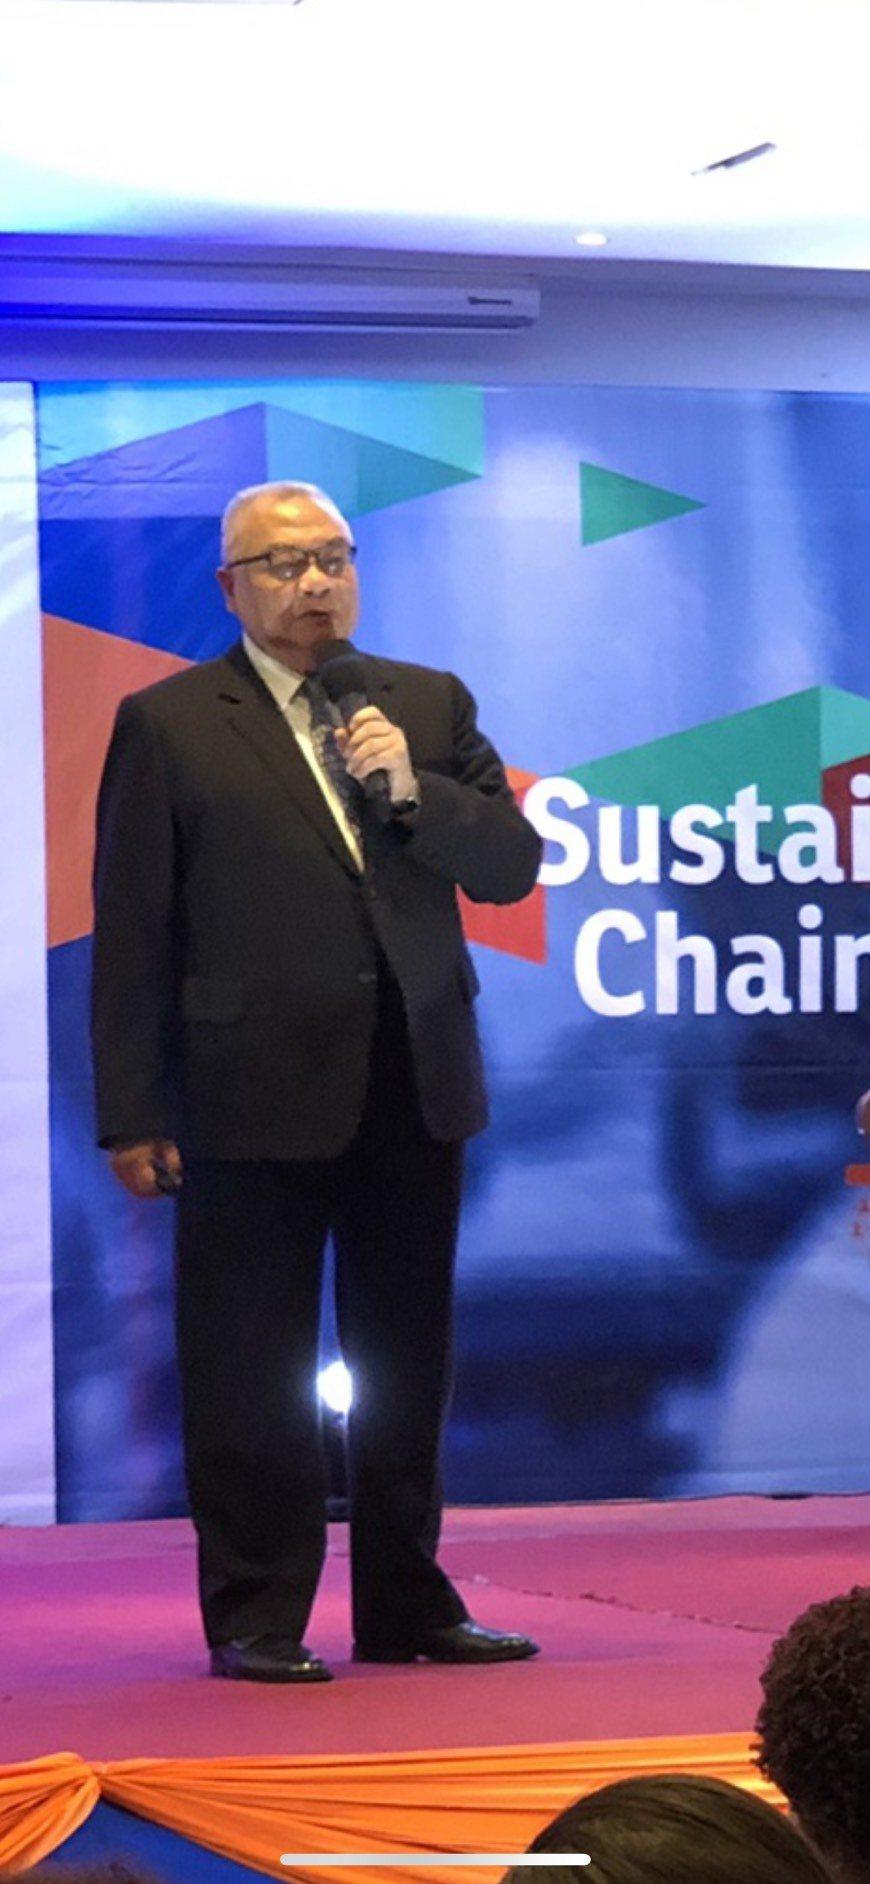 台灣永續供應協會理事長賴樹鑫出席IFPSM世界高峰會議,並以國際理事身分發表演講...